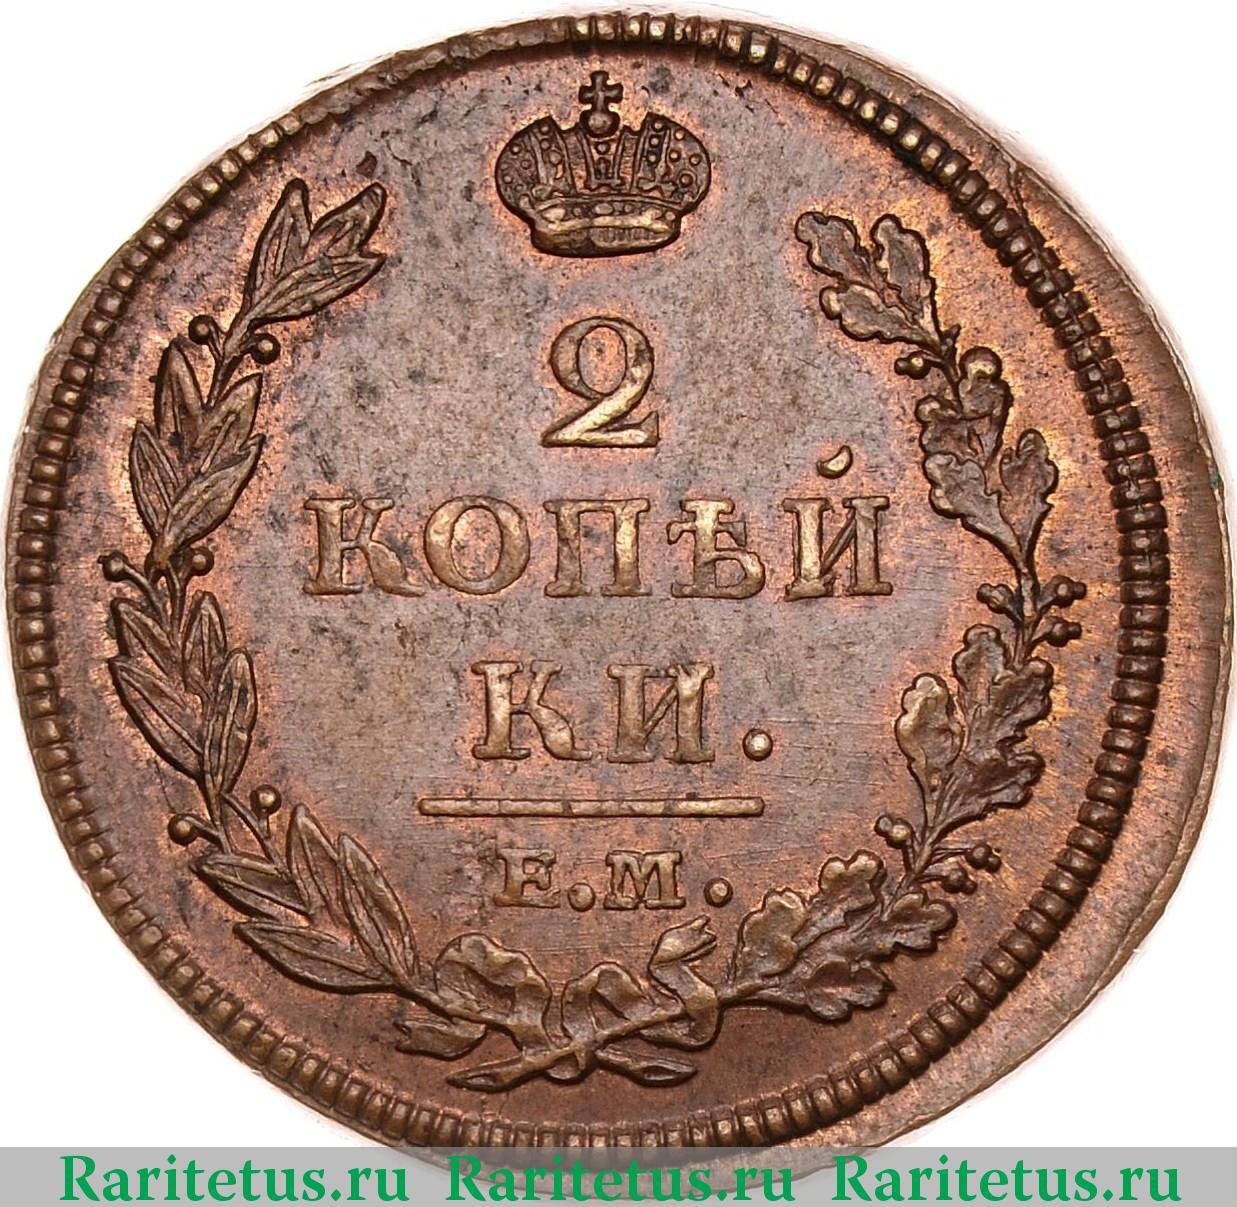 Продать монету 1812 года 2 копейки советский кошелек для монет